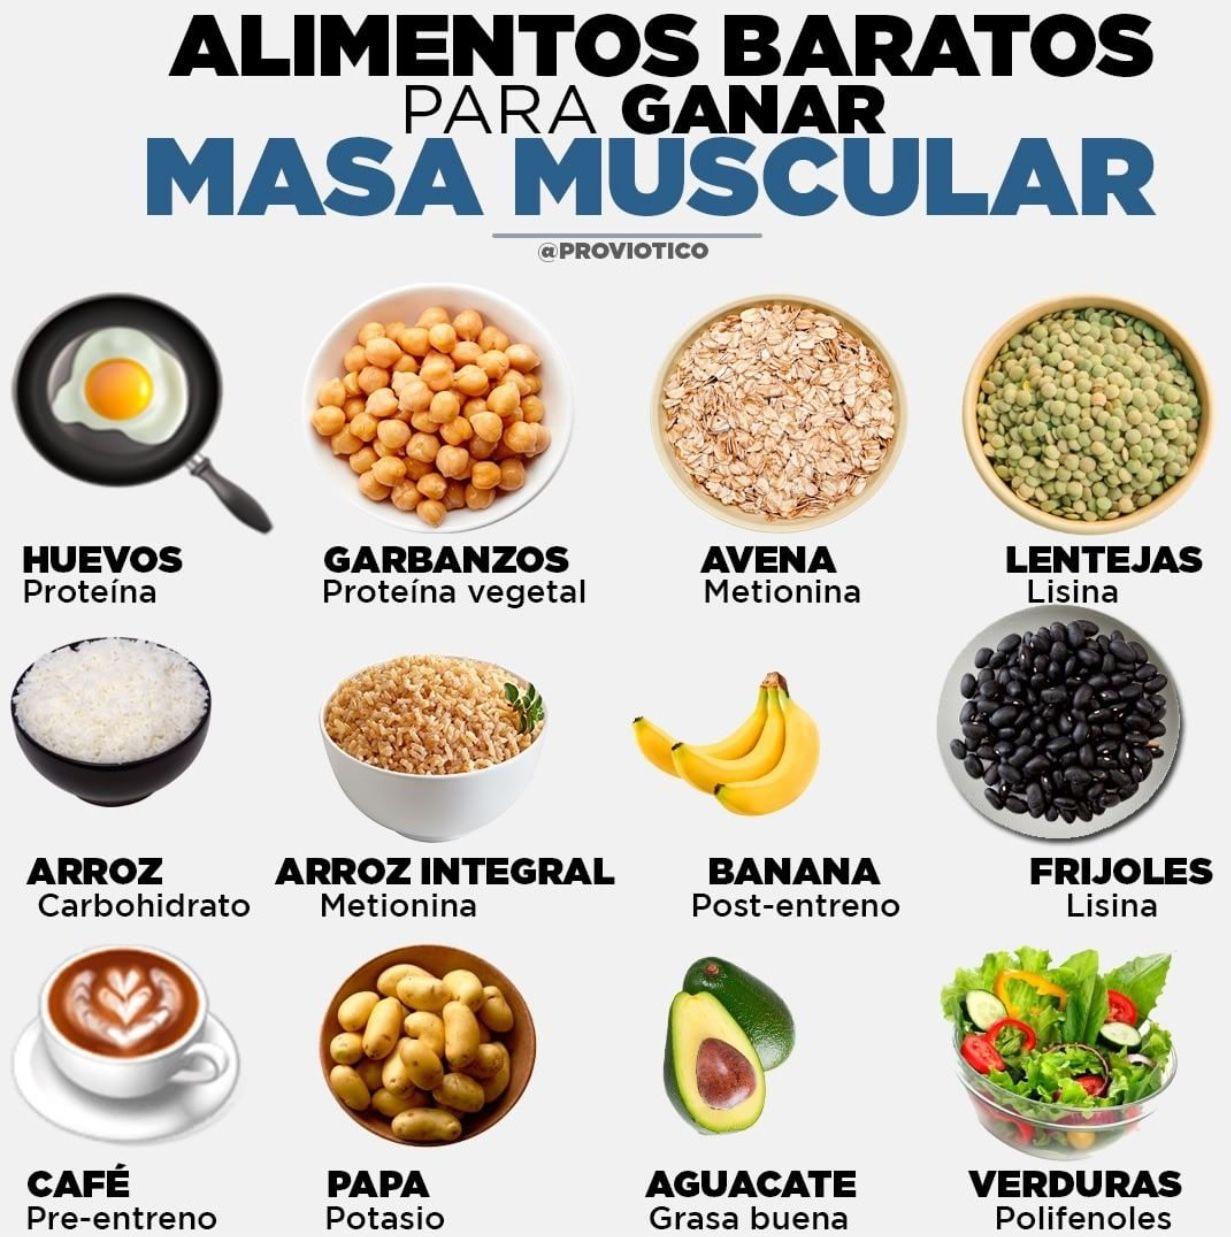 dieta rica en proteinas para ganar musculo